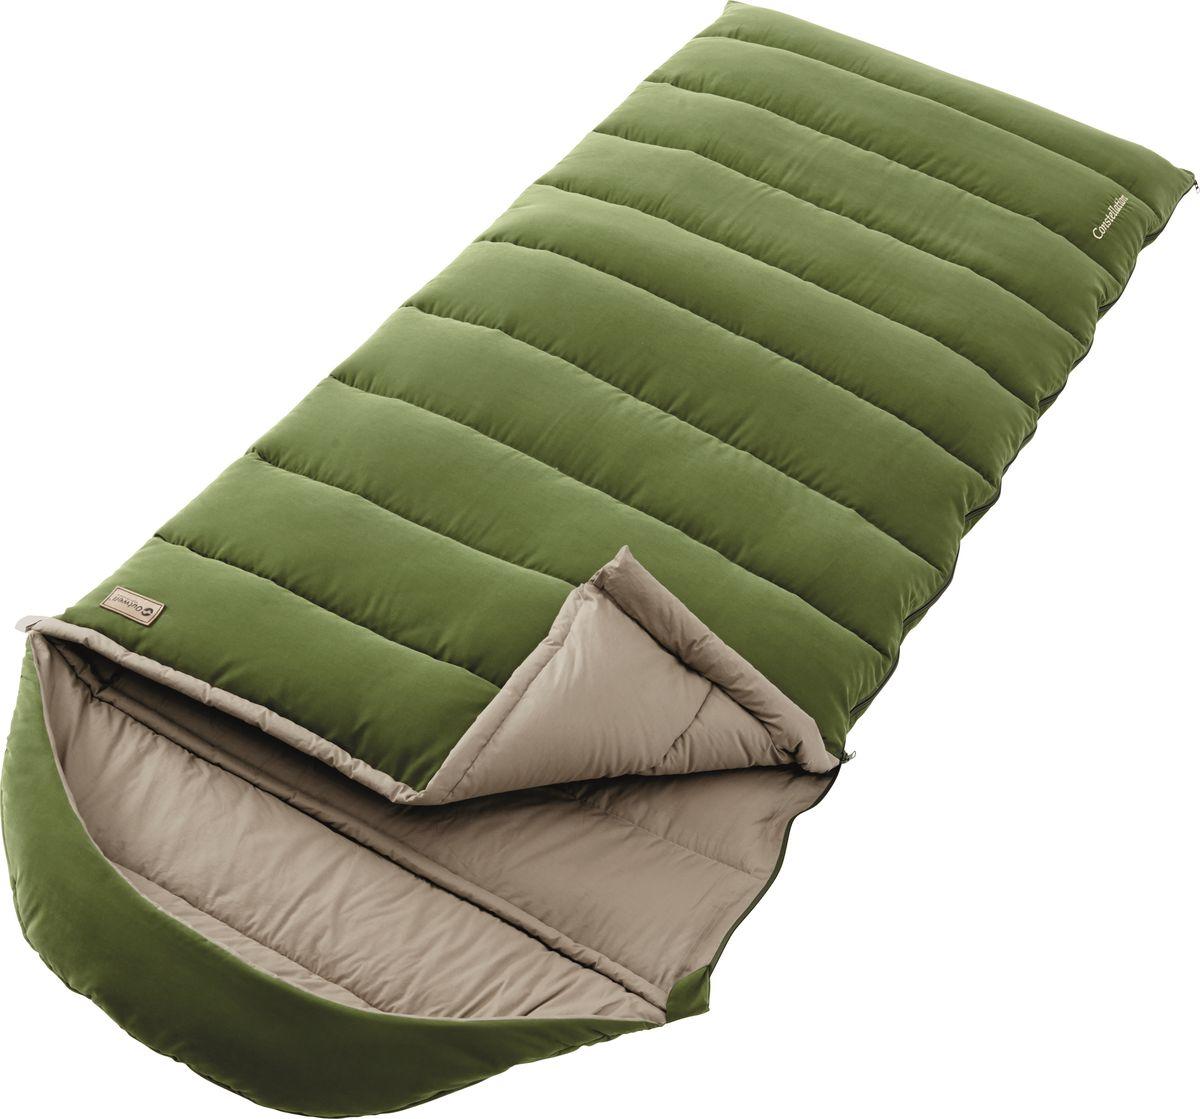 Спальный мешок Outwell Constellation, цвет: зеленый, двусторонняя молнияKOC-H19-LEDСпальный мешок Outwell Constellation однослойный, прочный и ультра-мягкий. Матовая внешняя сторона, 100% хлопковая подкладка и наполнитель премиум Isofill обеспечивают лучший в кемпинге комфорт. Просторный спальный мешок с возможностью полностью расстегнуть и использовать как большое одеяло.